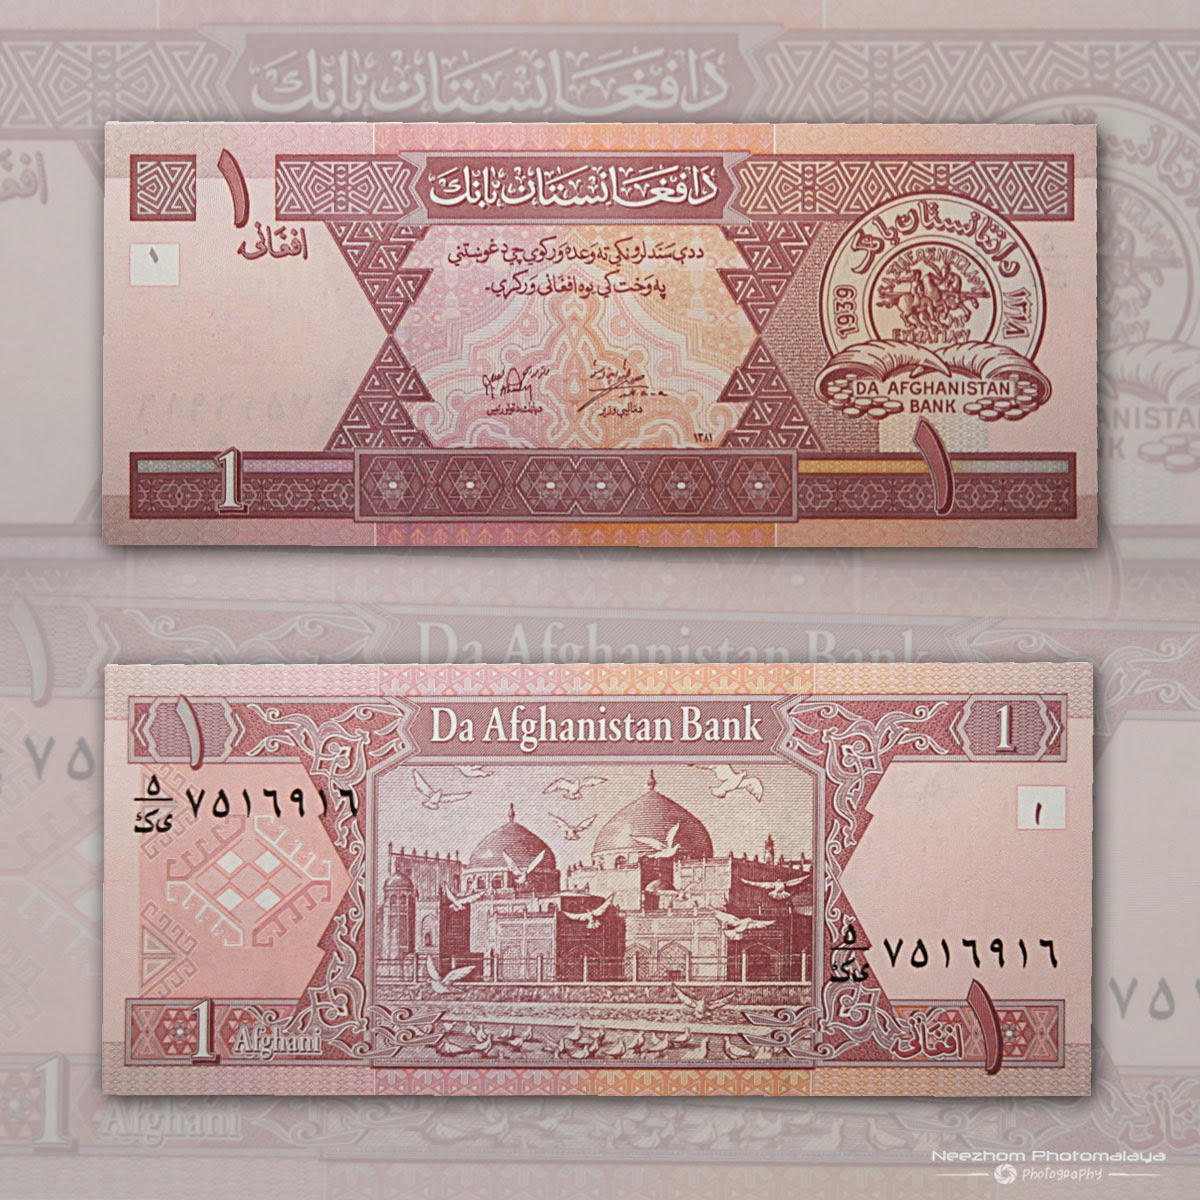 Afghanistan banknote 1 Afghani